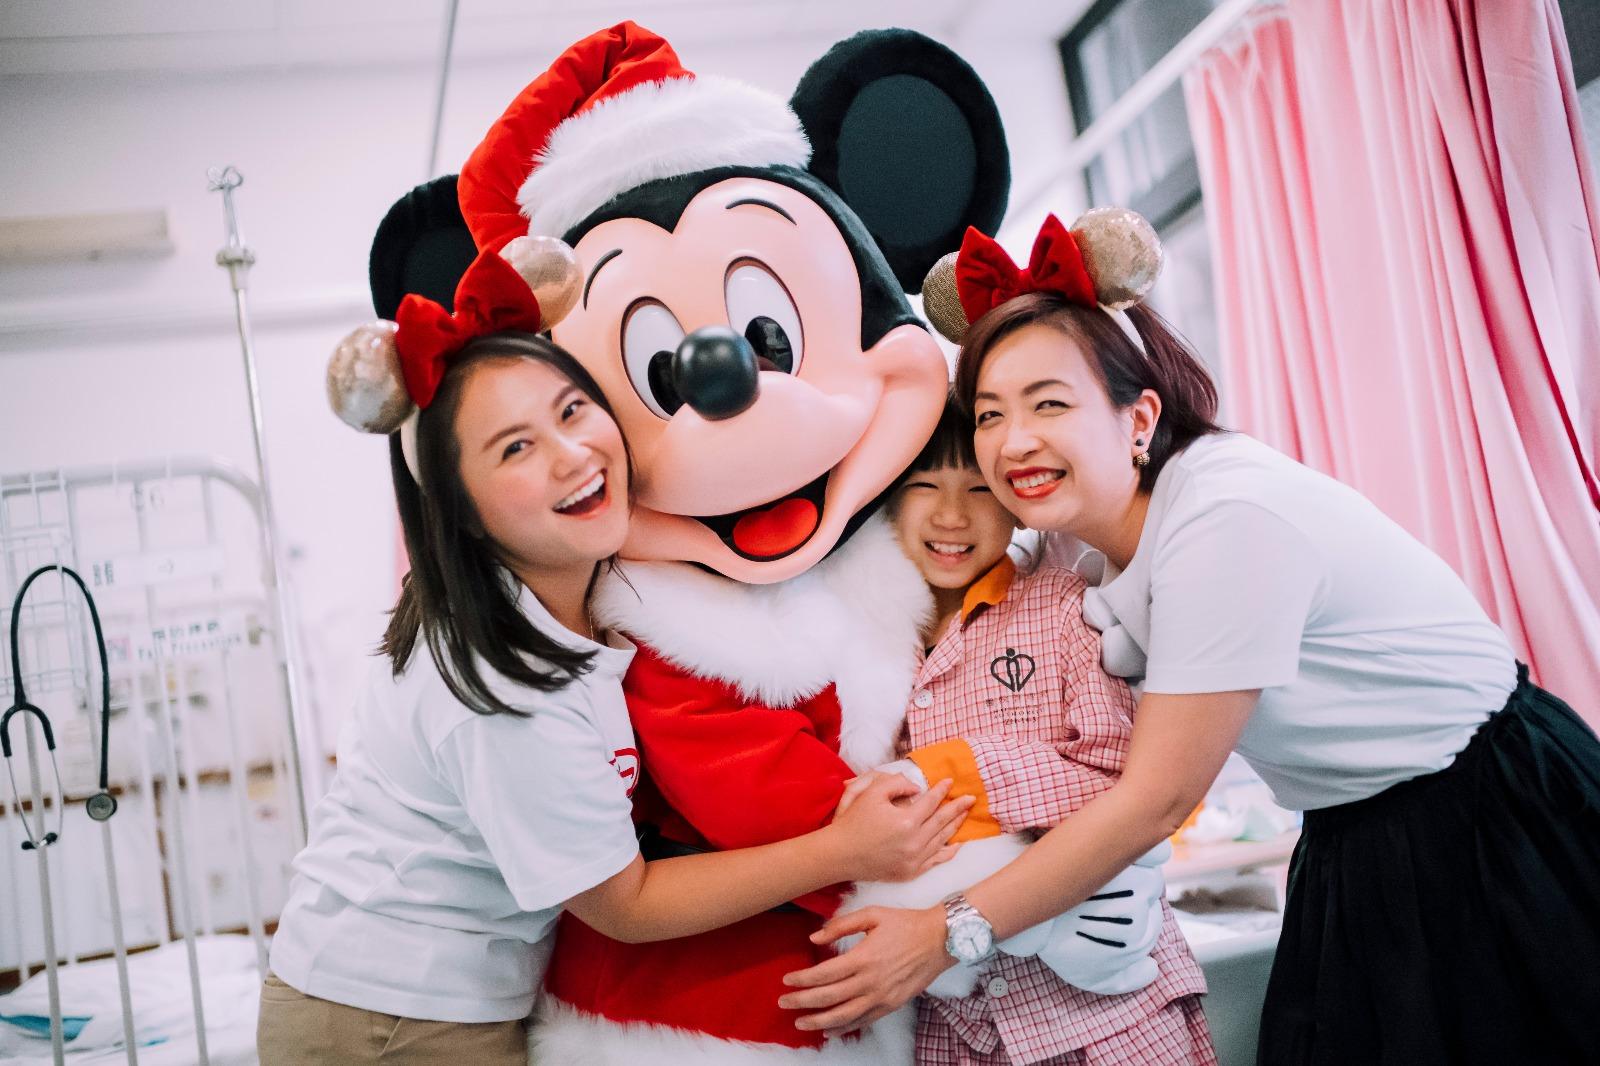 【维港会】逾200迪士尼义工到访医院学校 将欢乐气氛送到社区